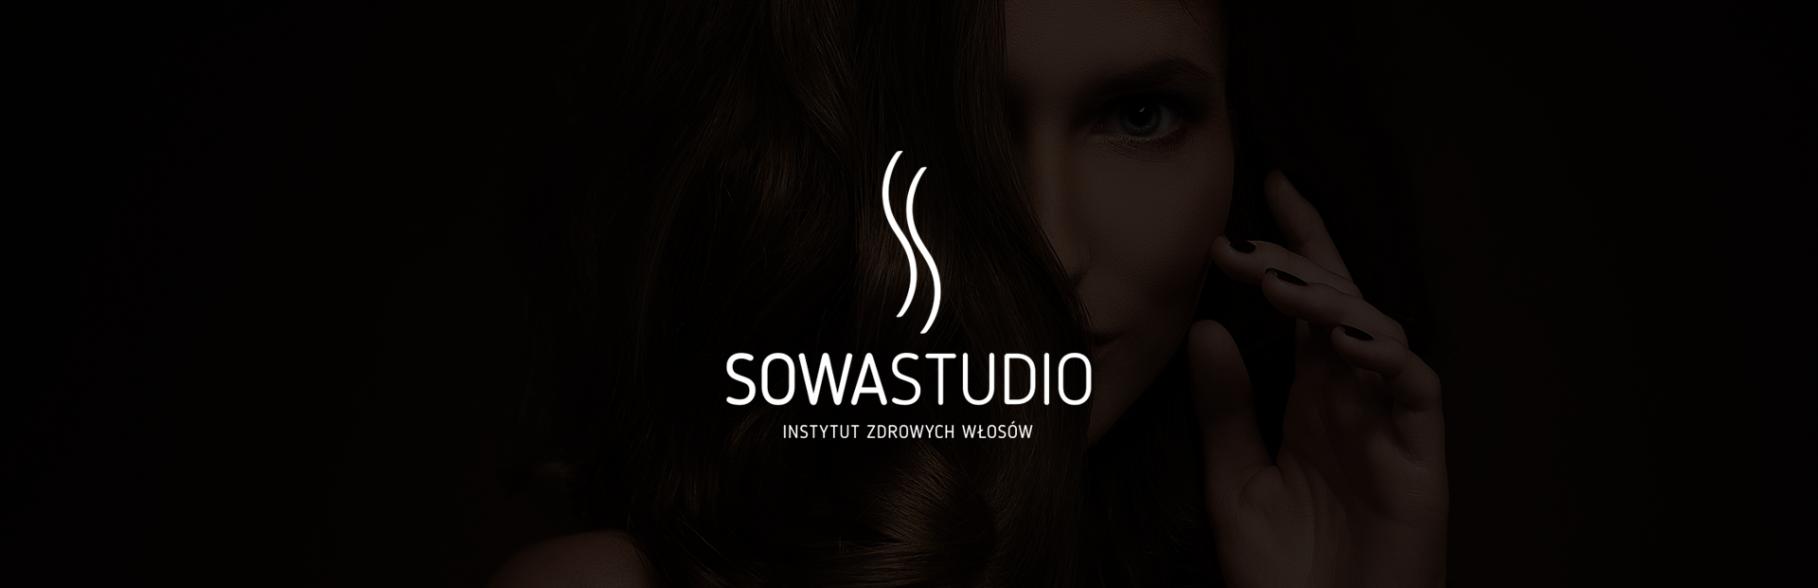 Sowa Studio